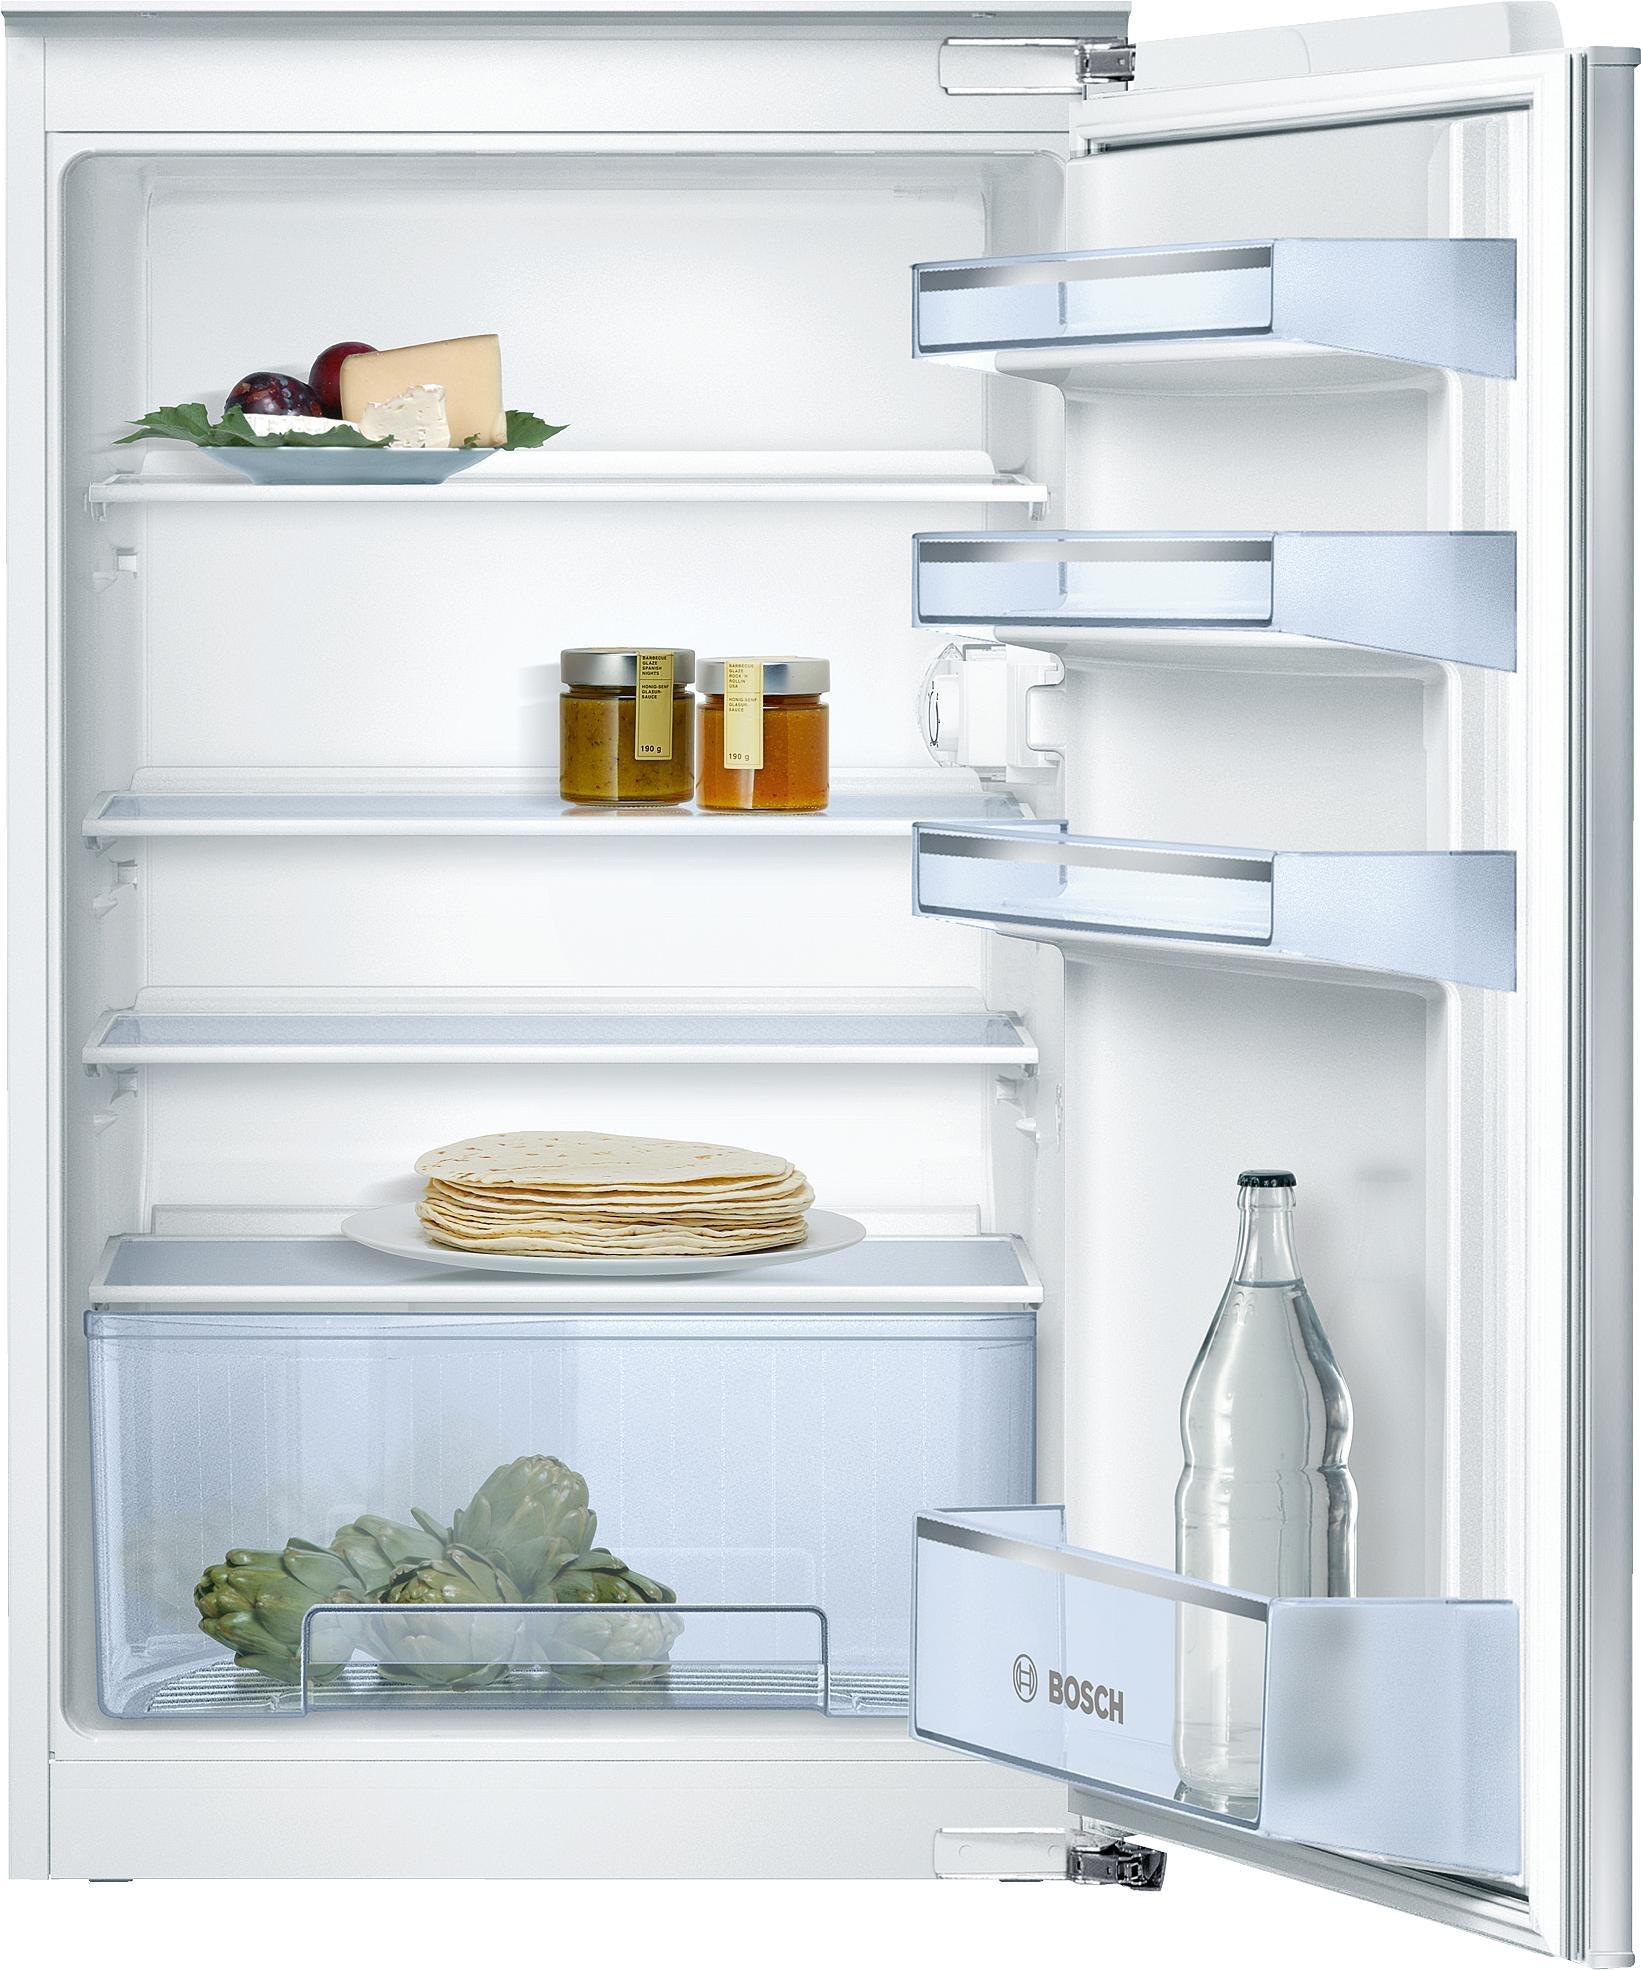 Bosch KIR18V60 inbouw koelkast